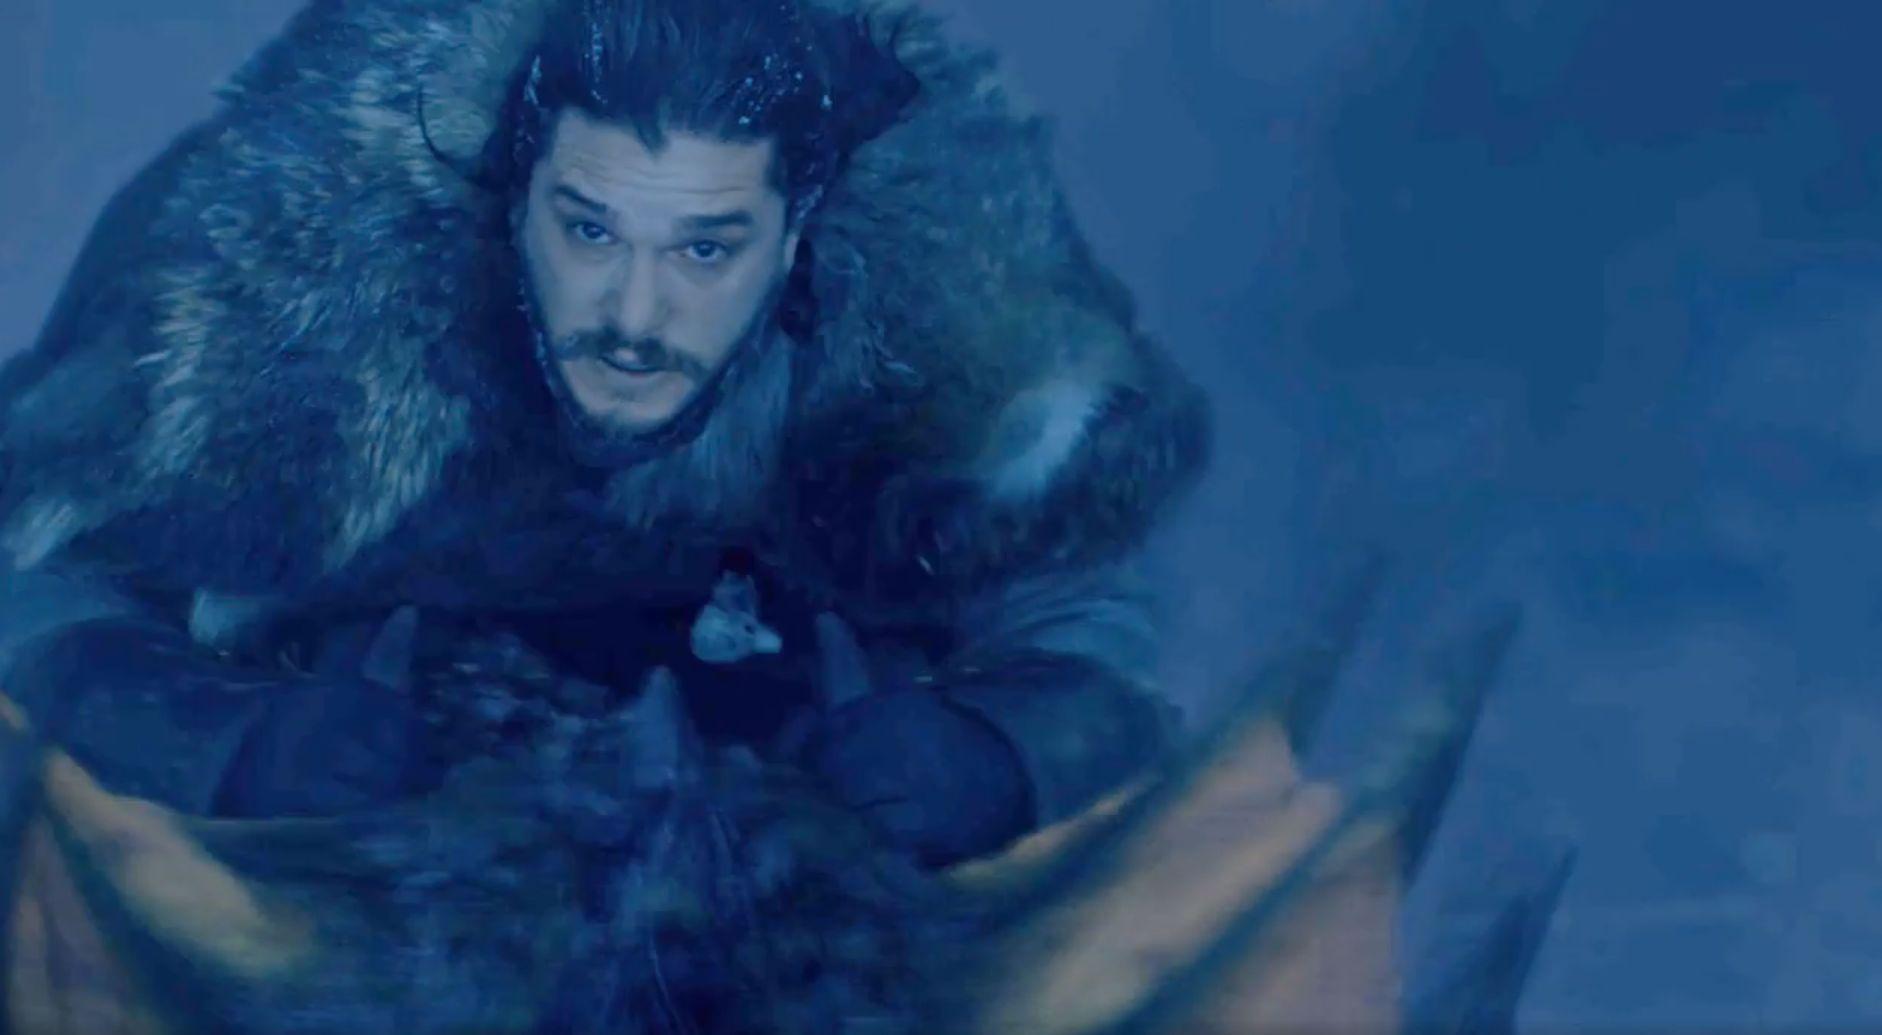 Le scene della battaglia di Grande Inverno (